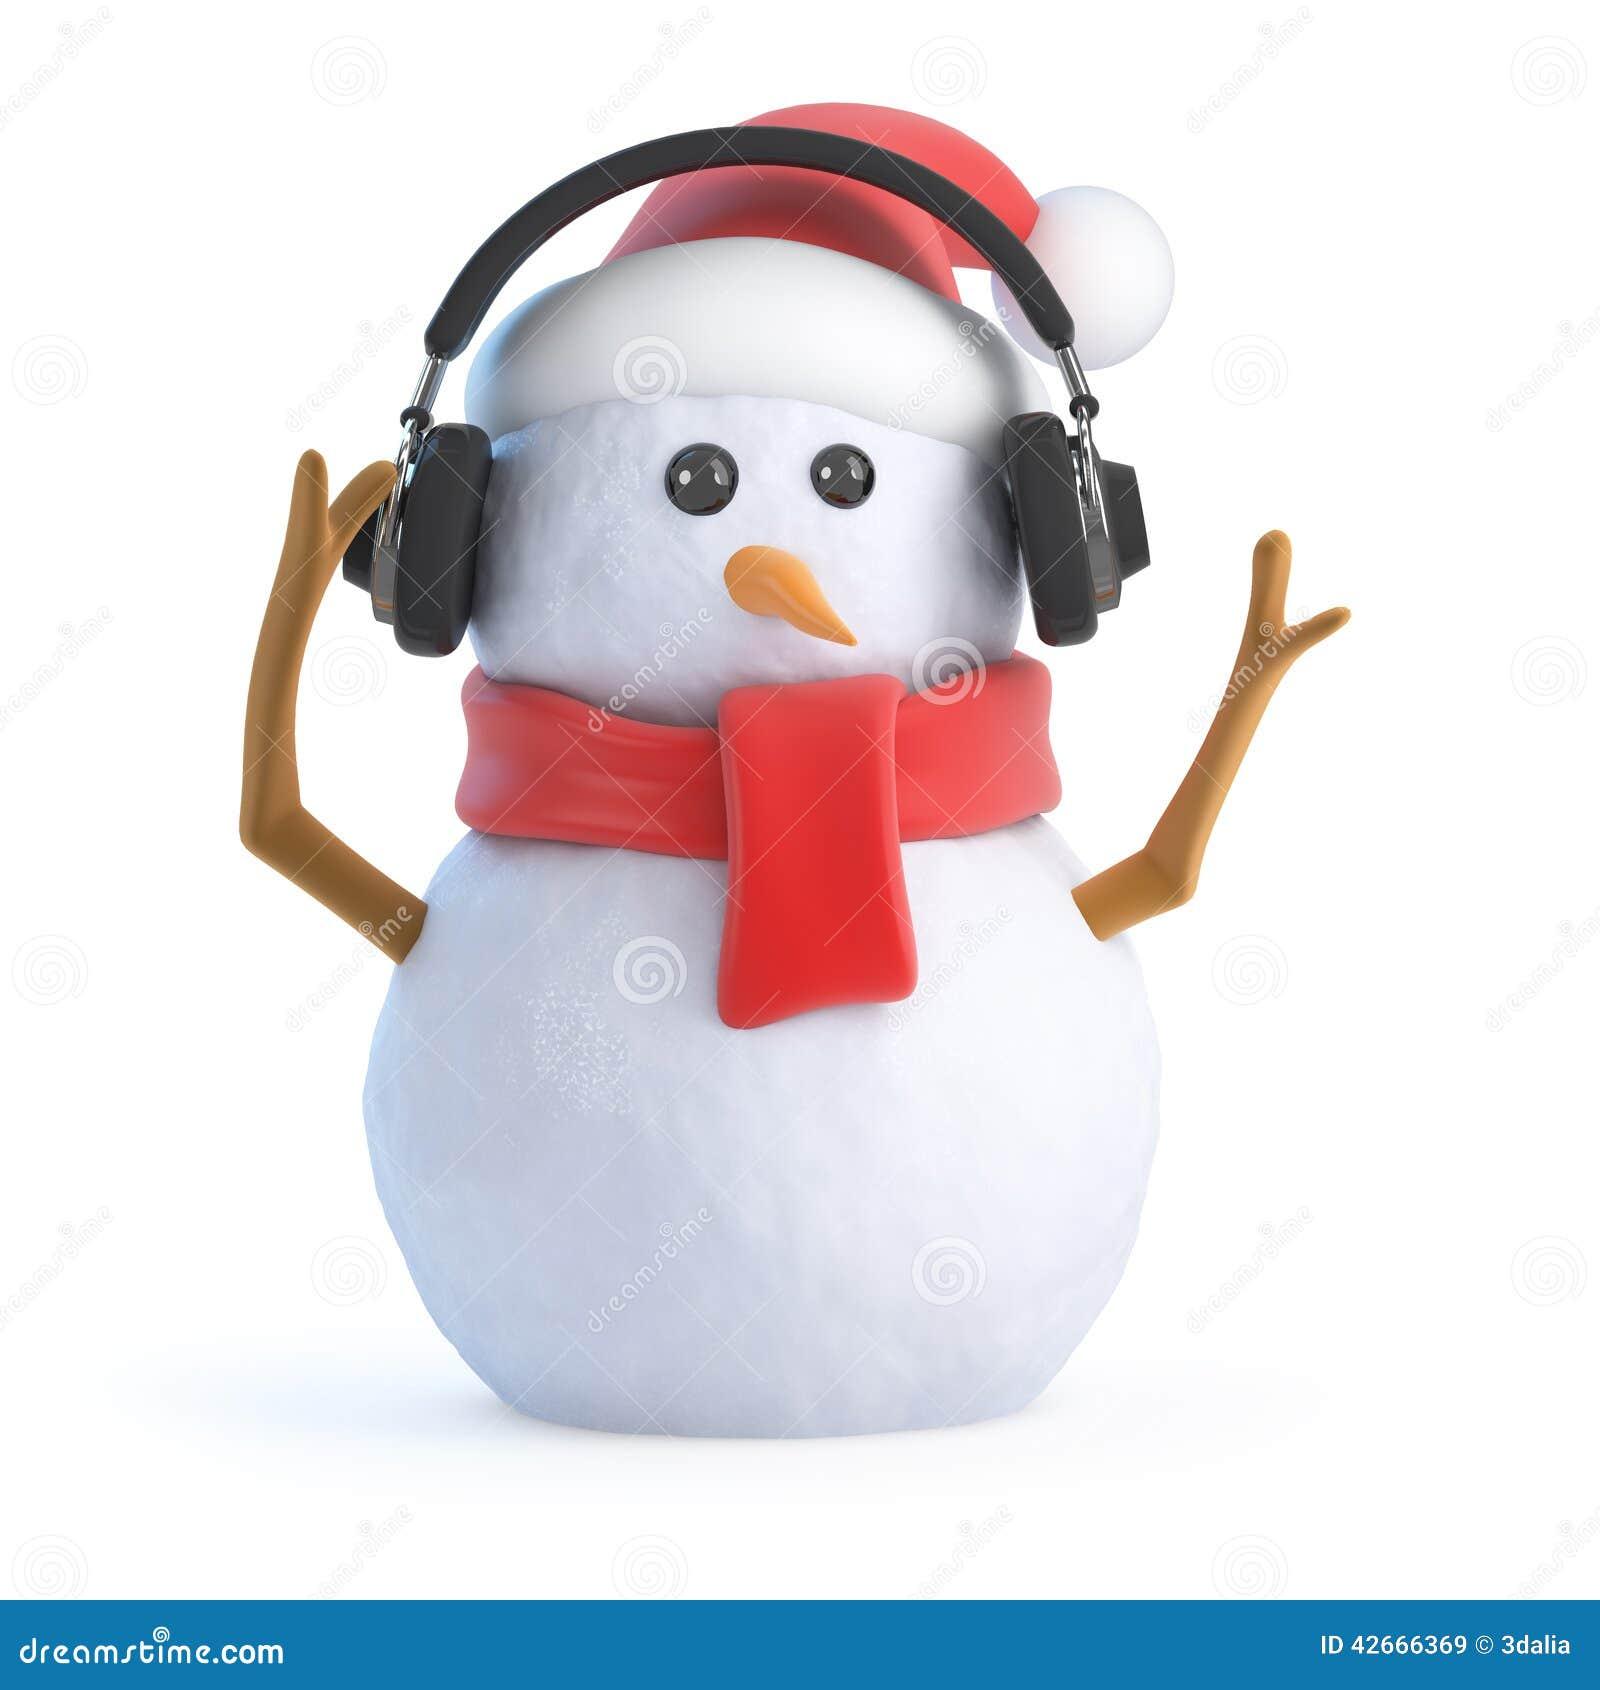 el-mu%C3%B1eco-de-nieve-d-escucha-en-los-auriculares-42666369.jpg